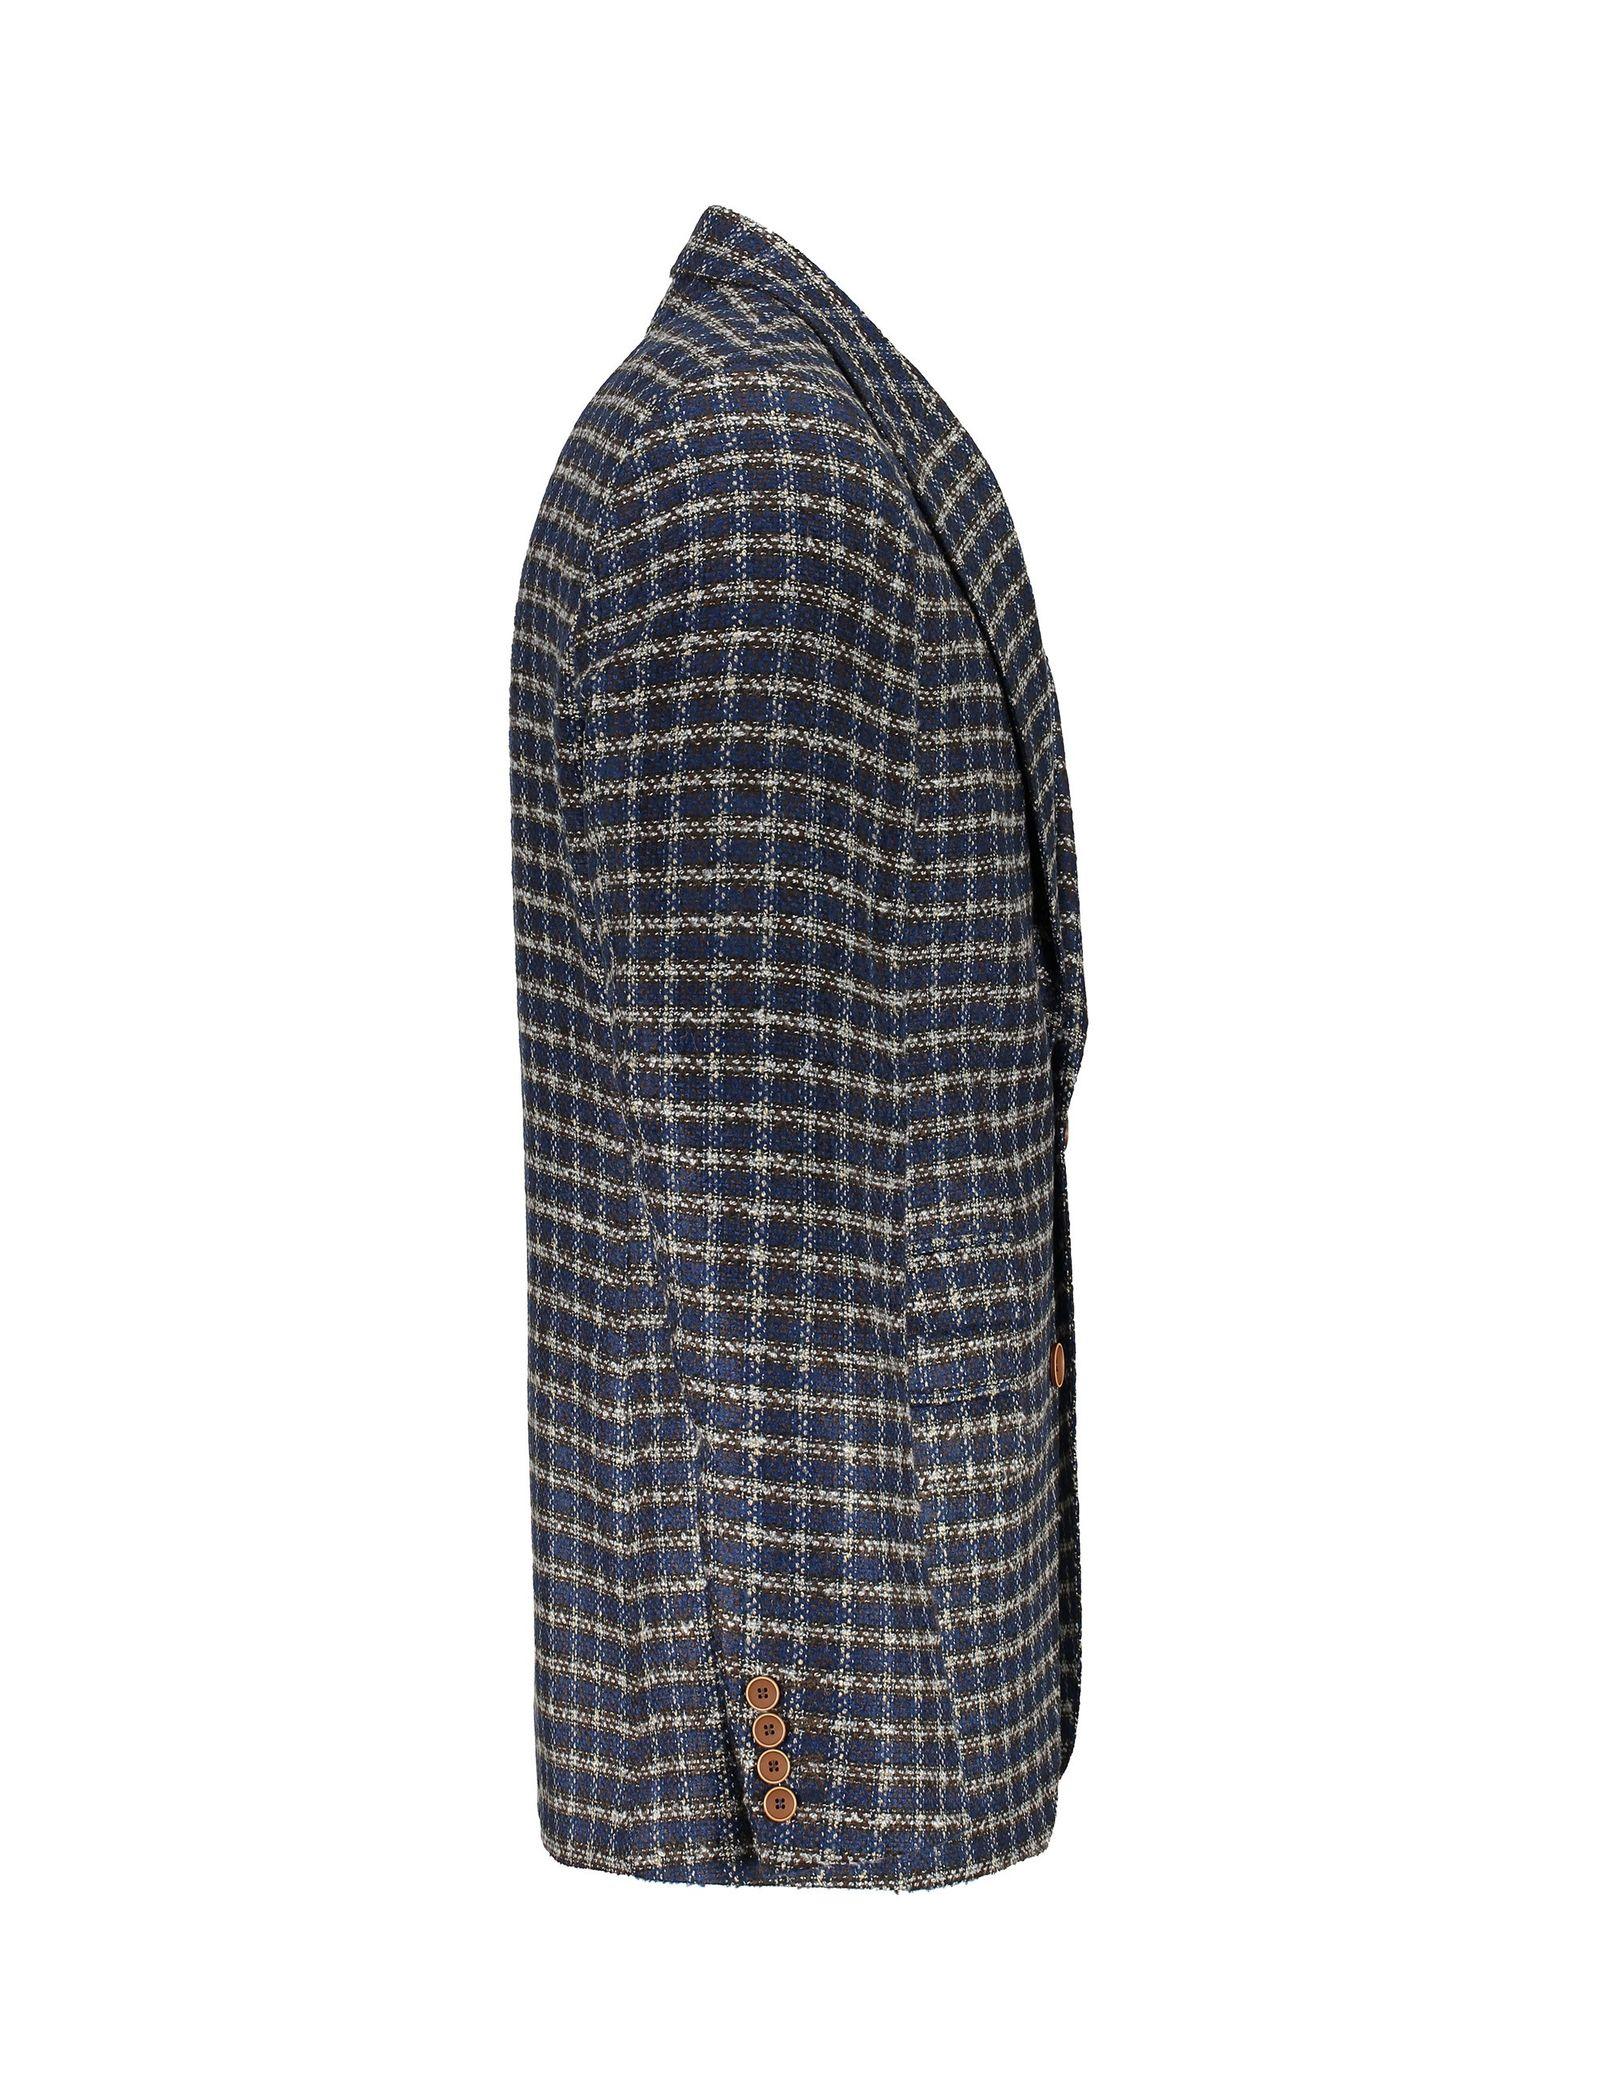 کت تک  غیر رسمی مردانه - زاگرس پوش - سرمه اي و قهوه اي - 3